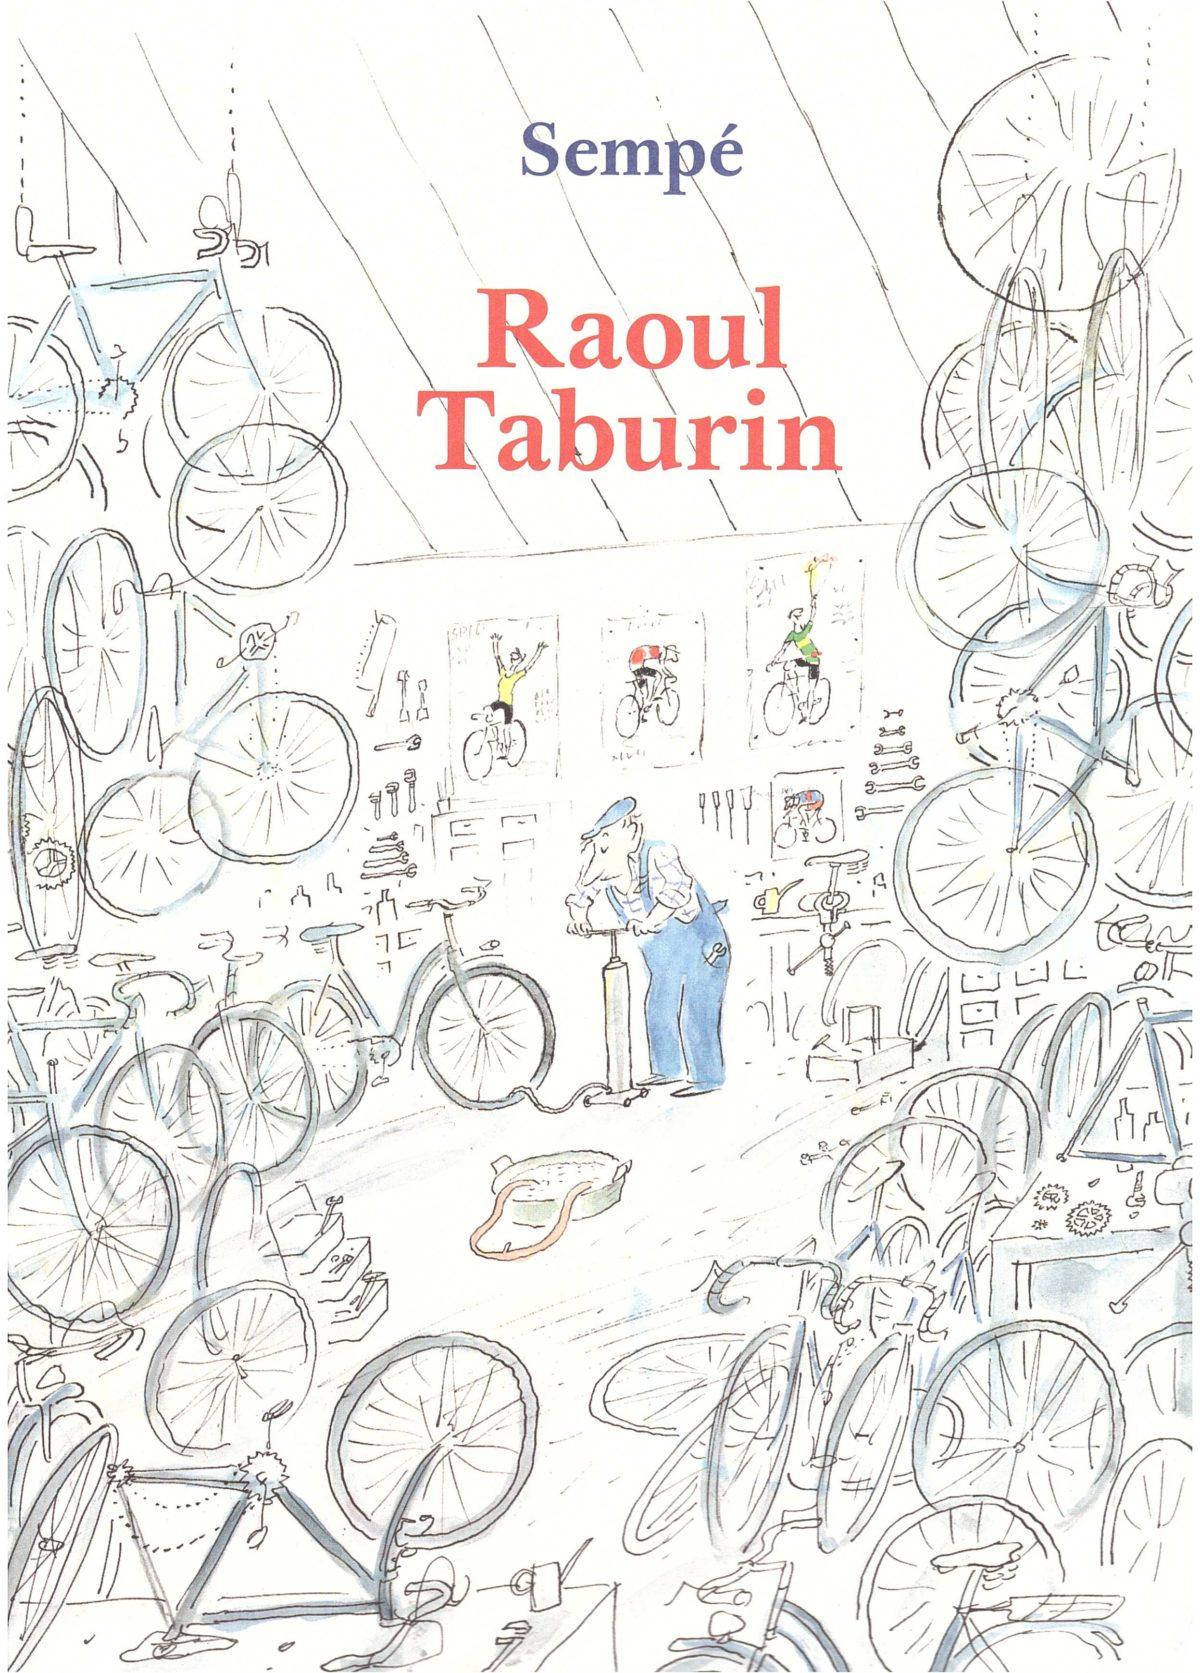 7- Raoul Taburin